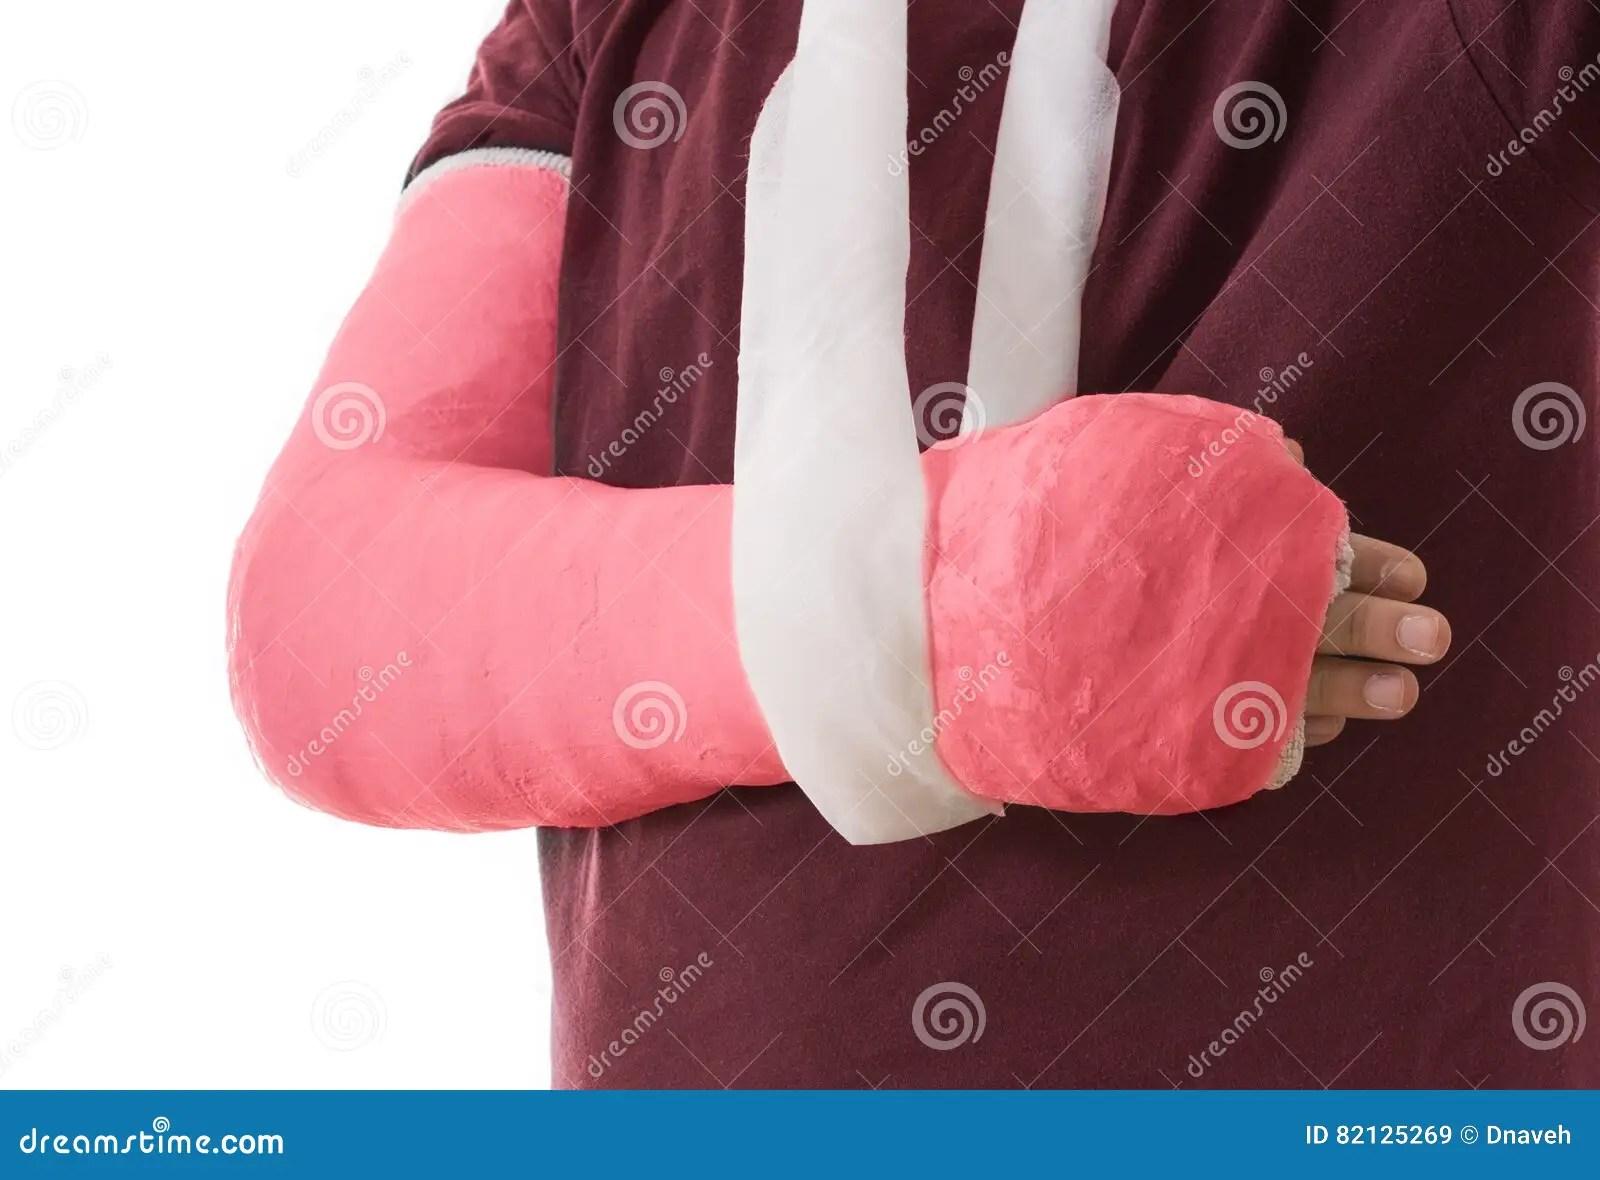 White Cast Broken Elbow